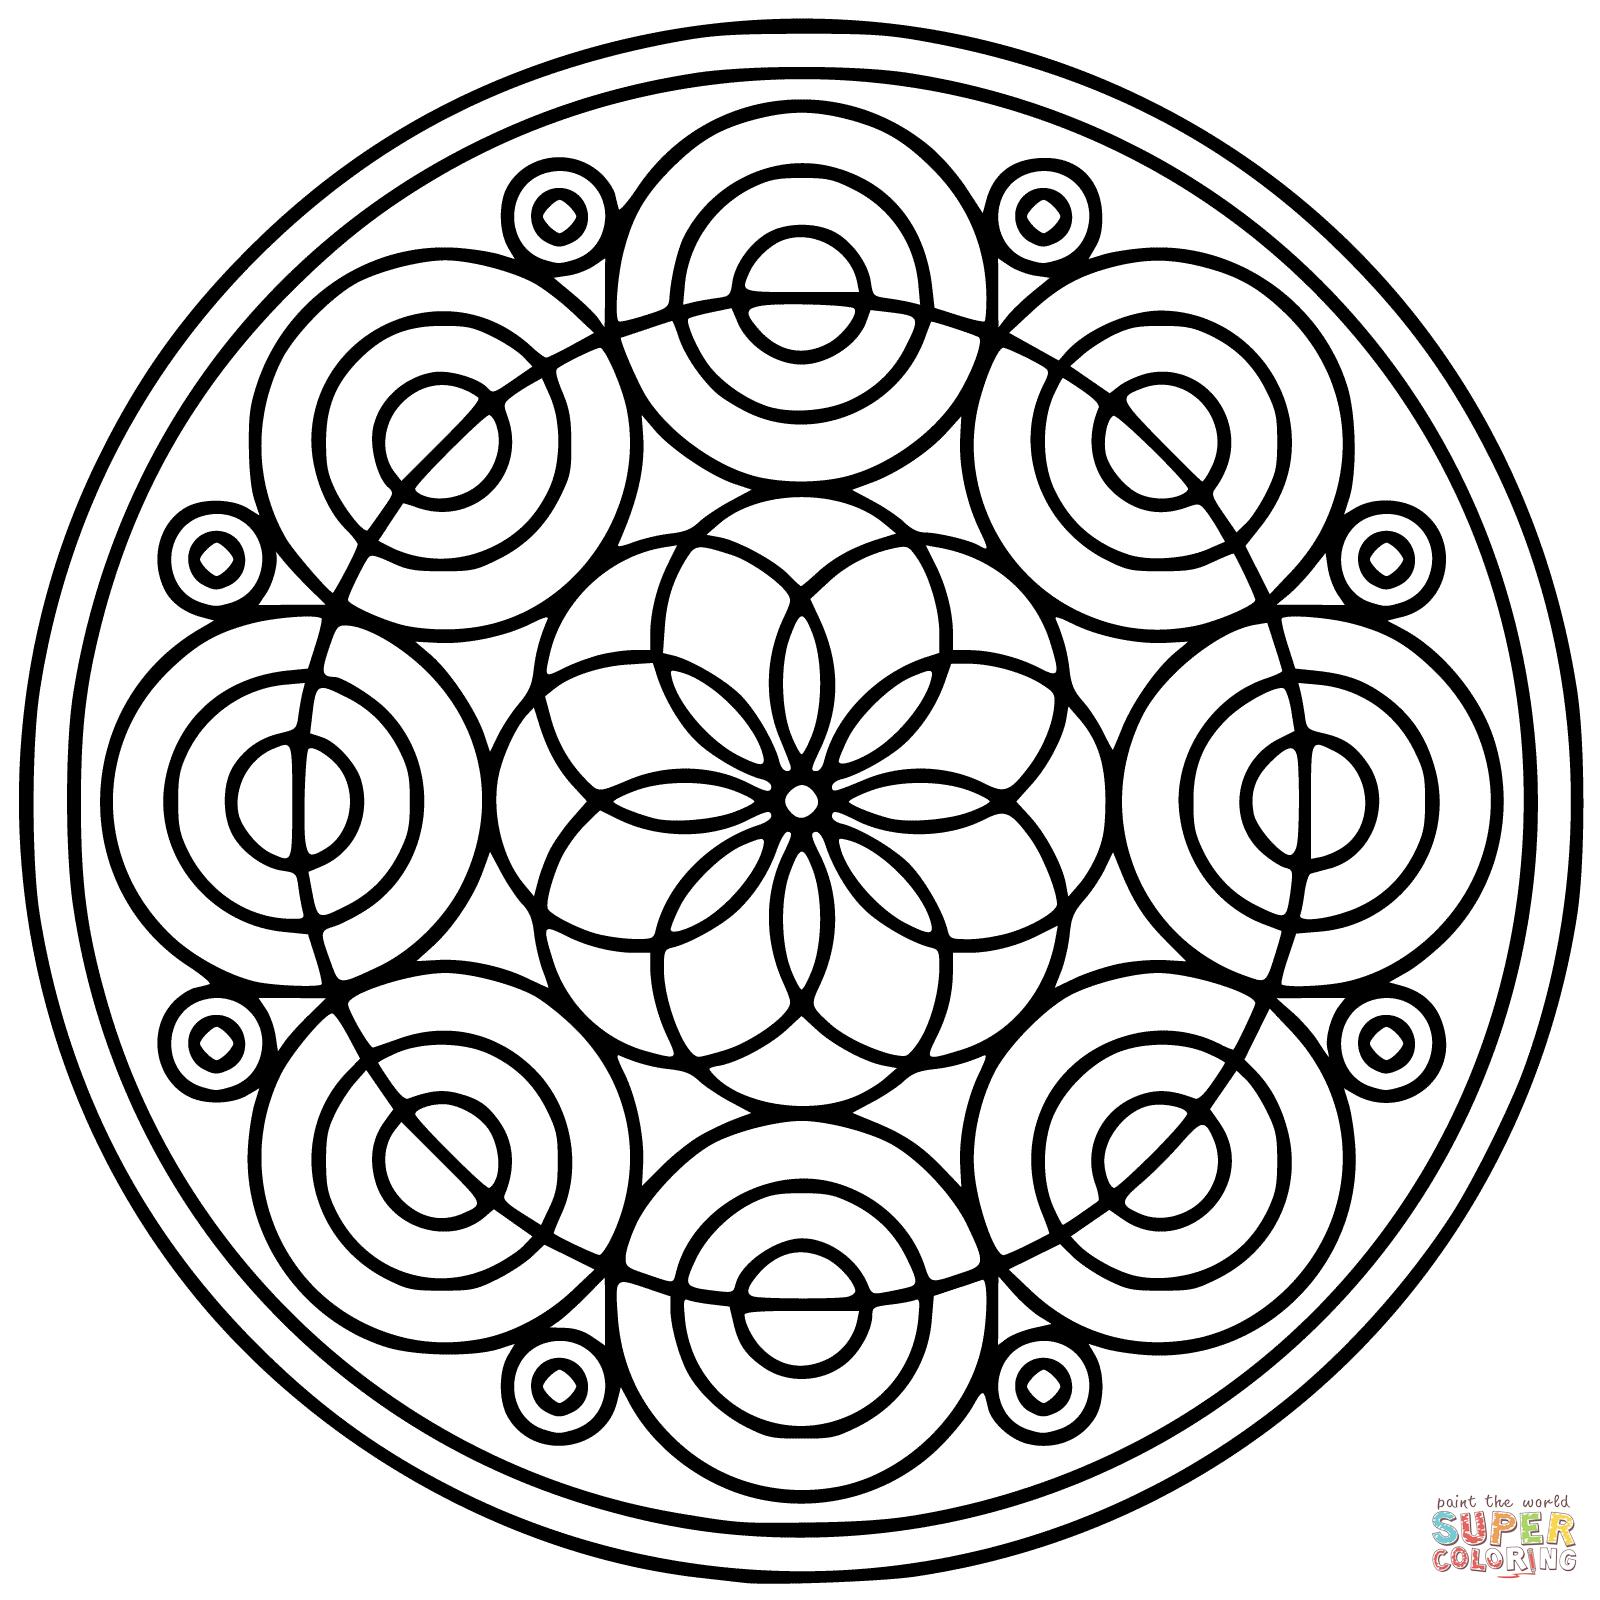 Coloriage - Mandala Cercle | Coloriages À Imprimer Gratuits encequiconcerne Mandala Facile À Imprimer